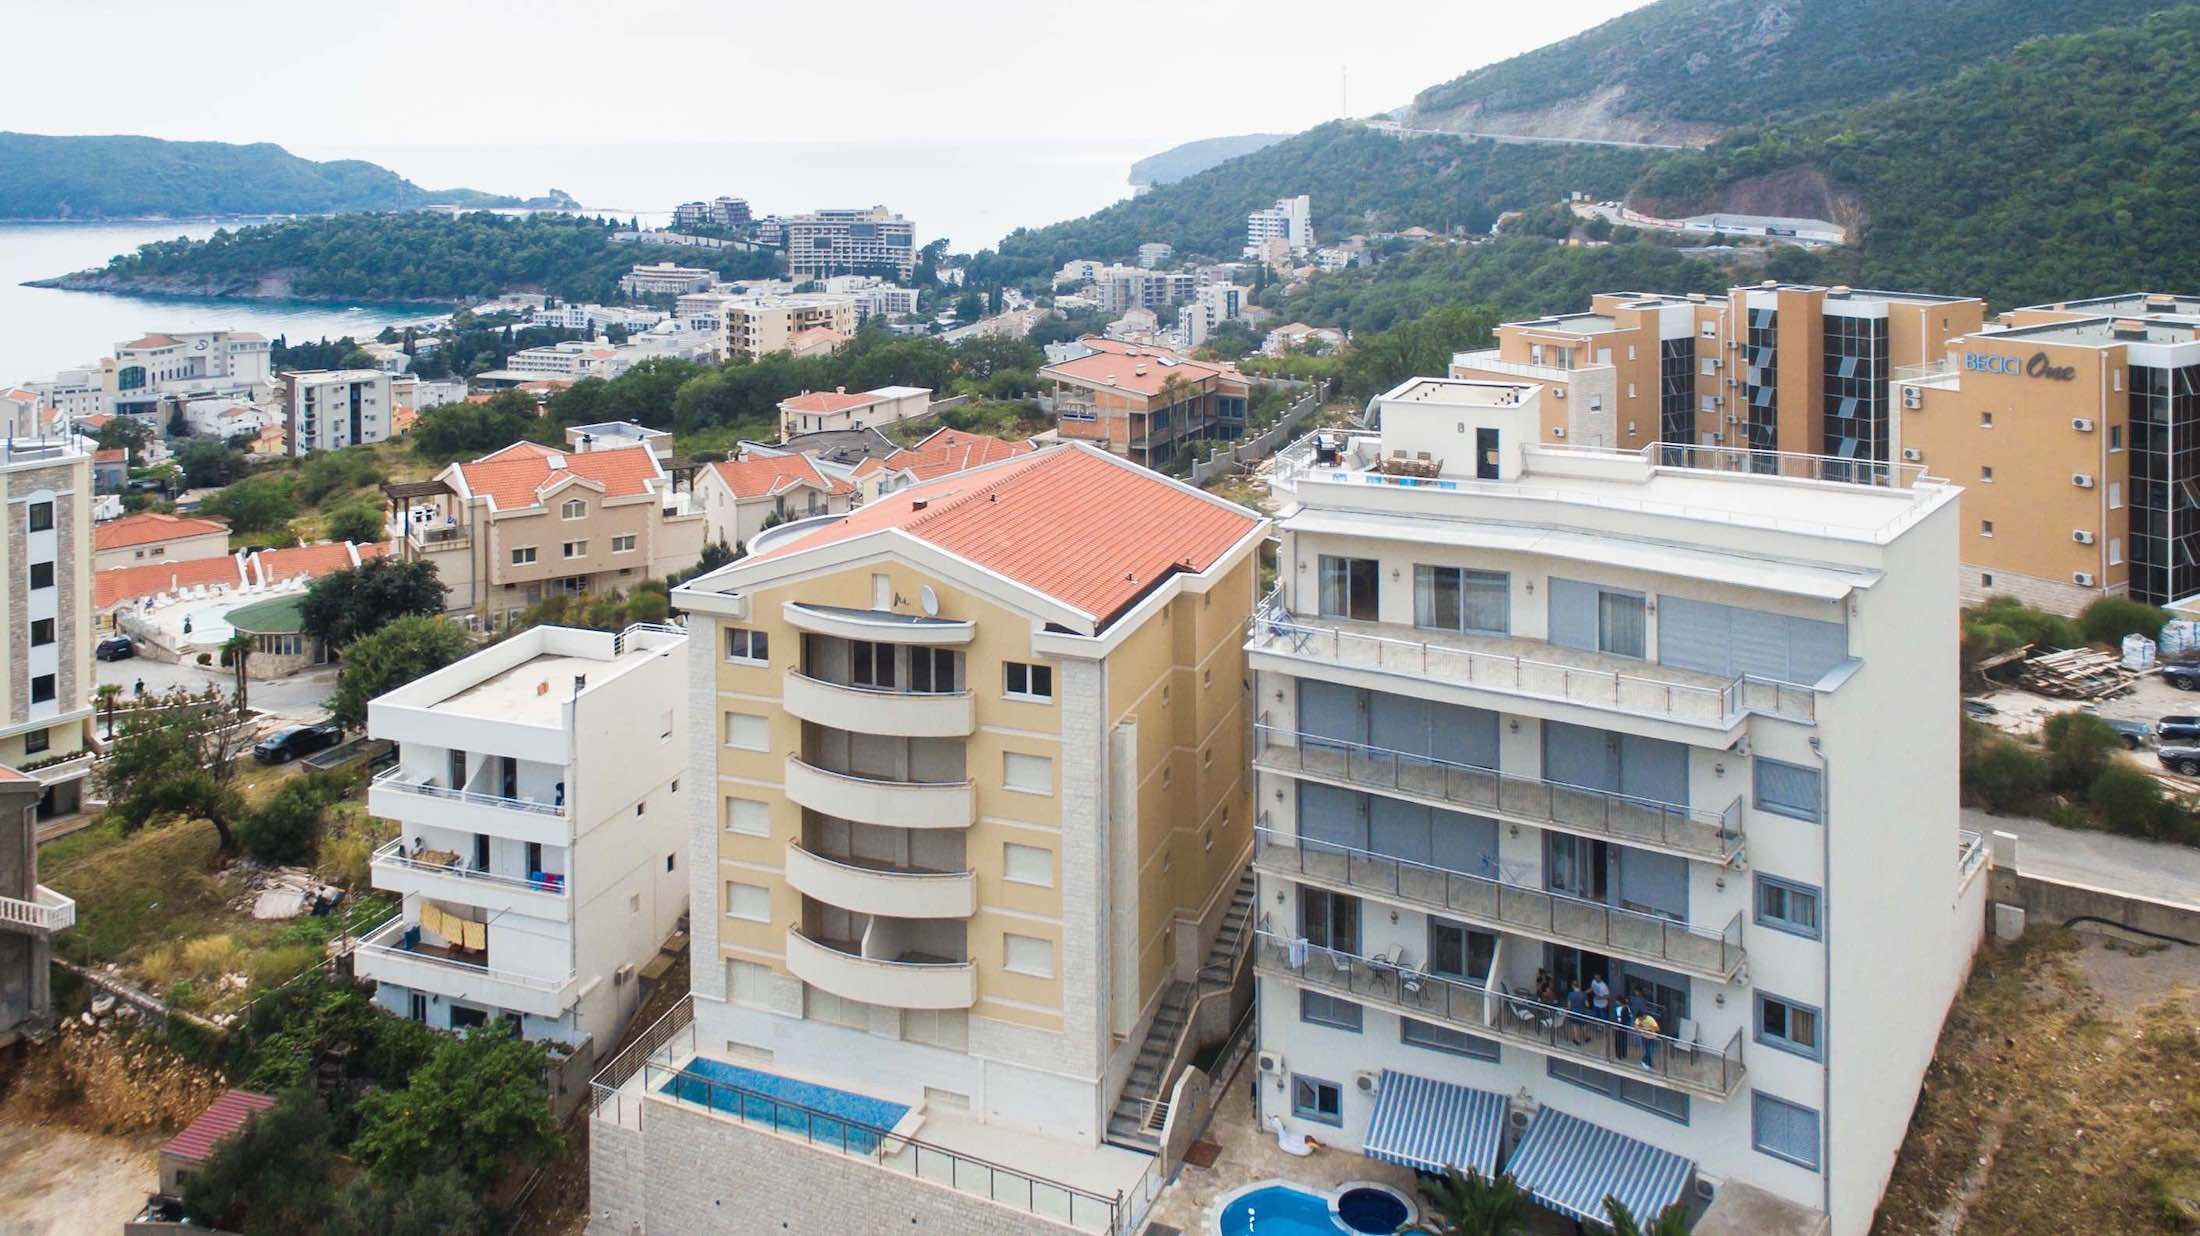 IVANOVICI ANATOLIA доходная недвижимость в черногории Бечичи Будва40.jpeg